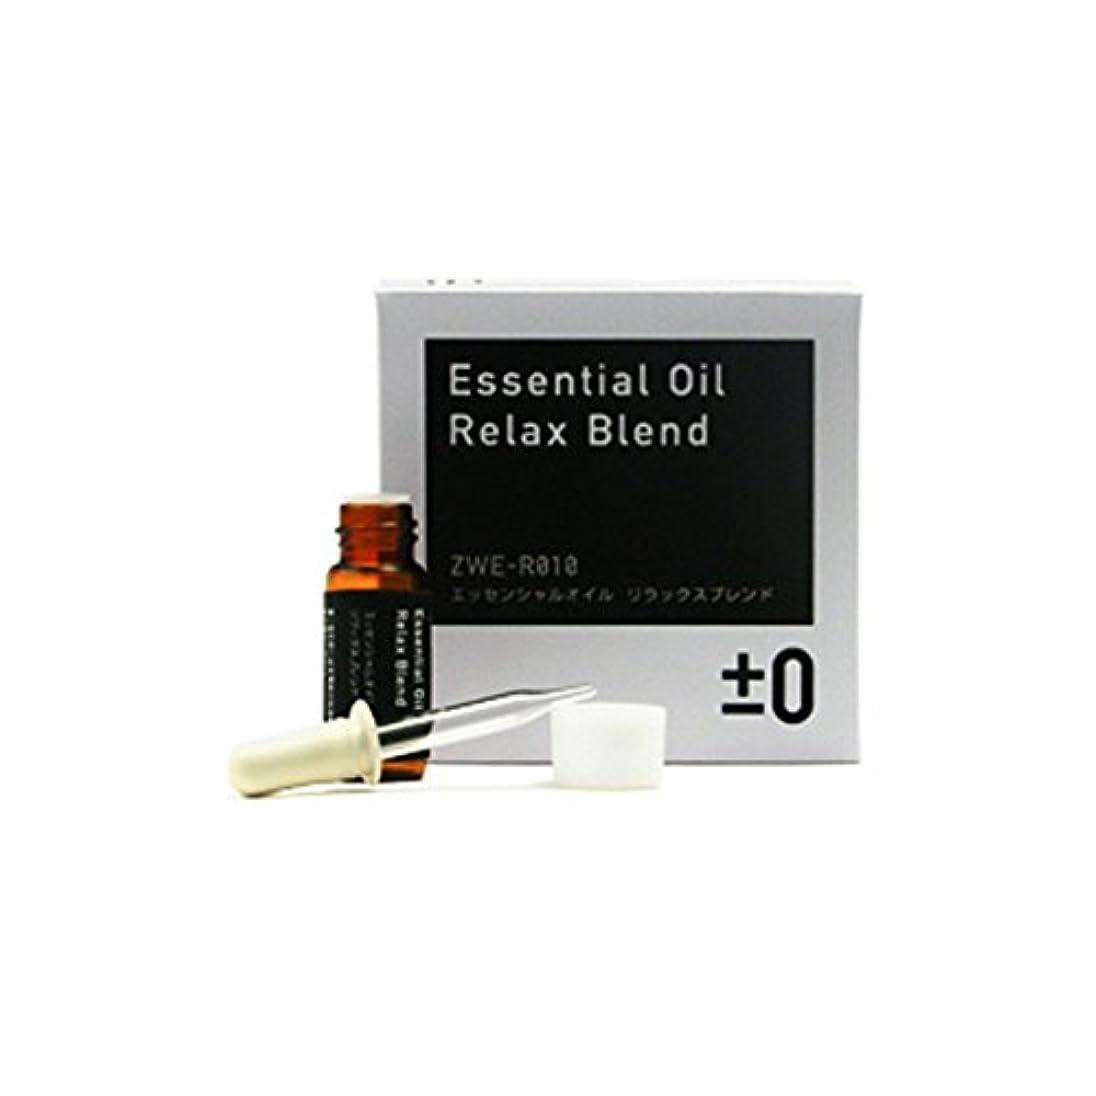 クアッガシステム解くプラスマイナスゼロ ±0 エッセンシャルオイル(リラックスブレンド)Essential Oil Relax Blend